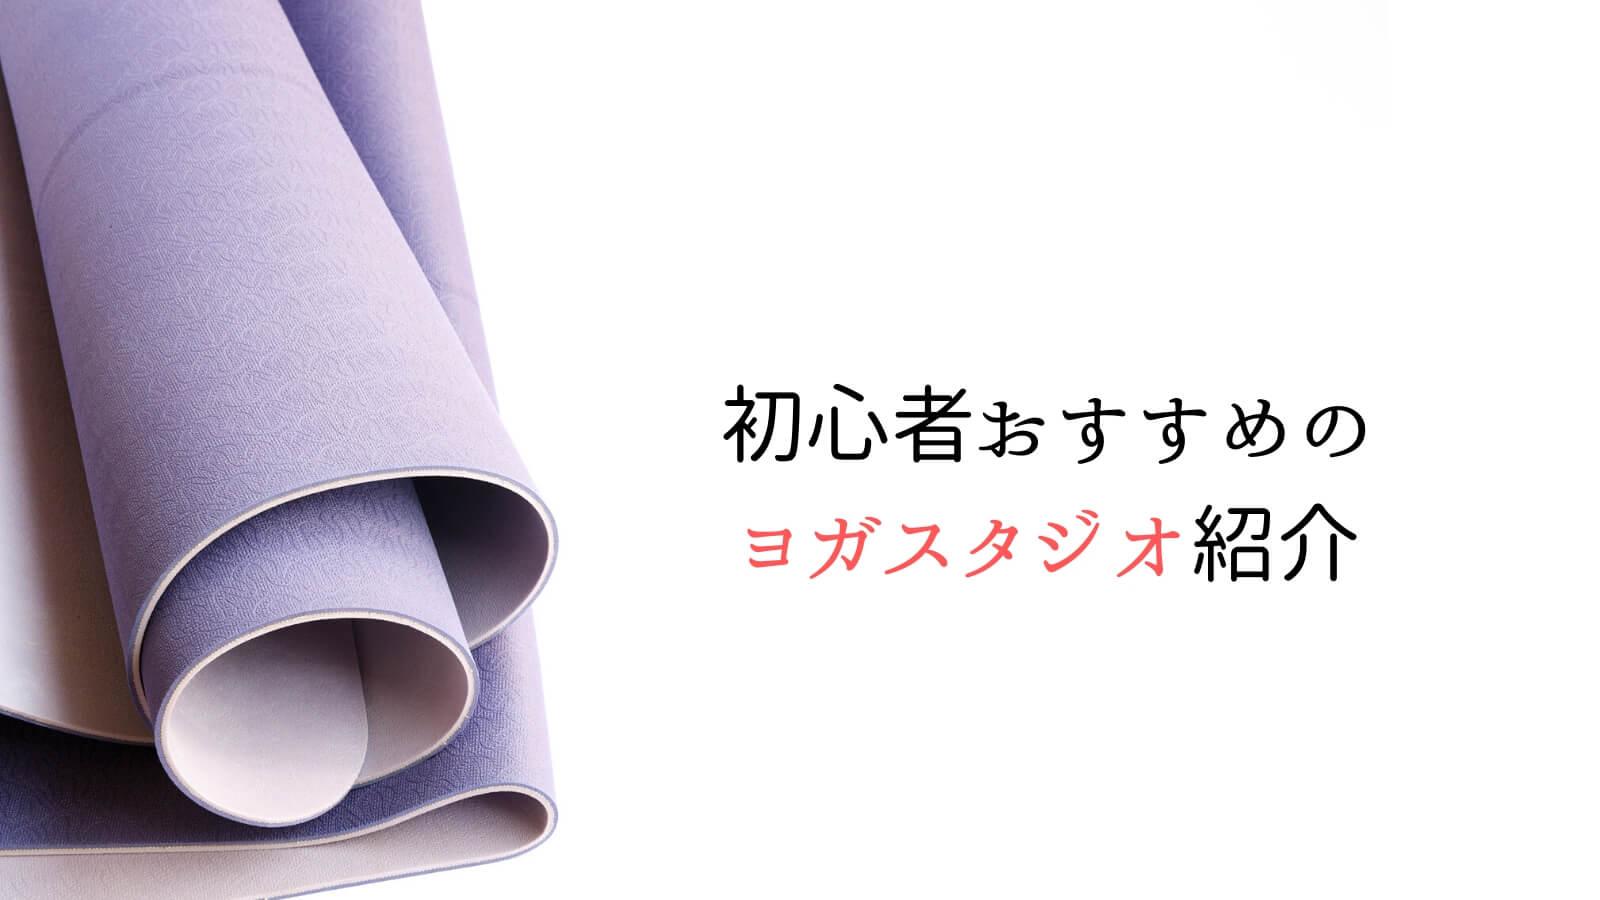 初心者おすすめのヨガスタジオ紹介